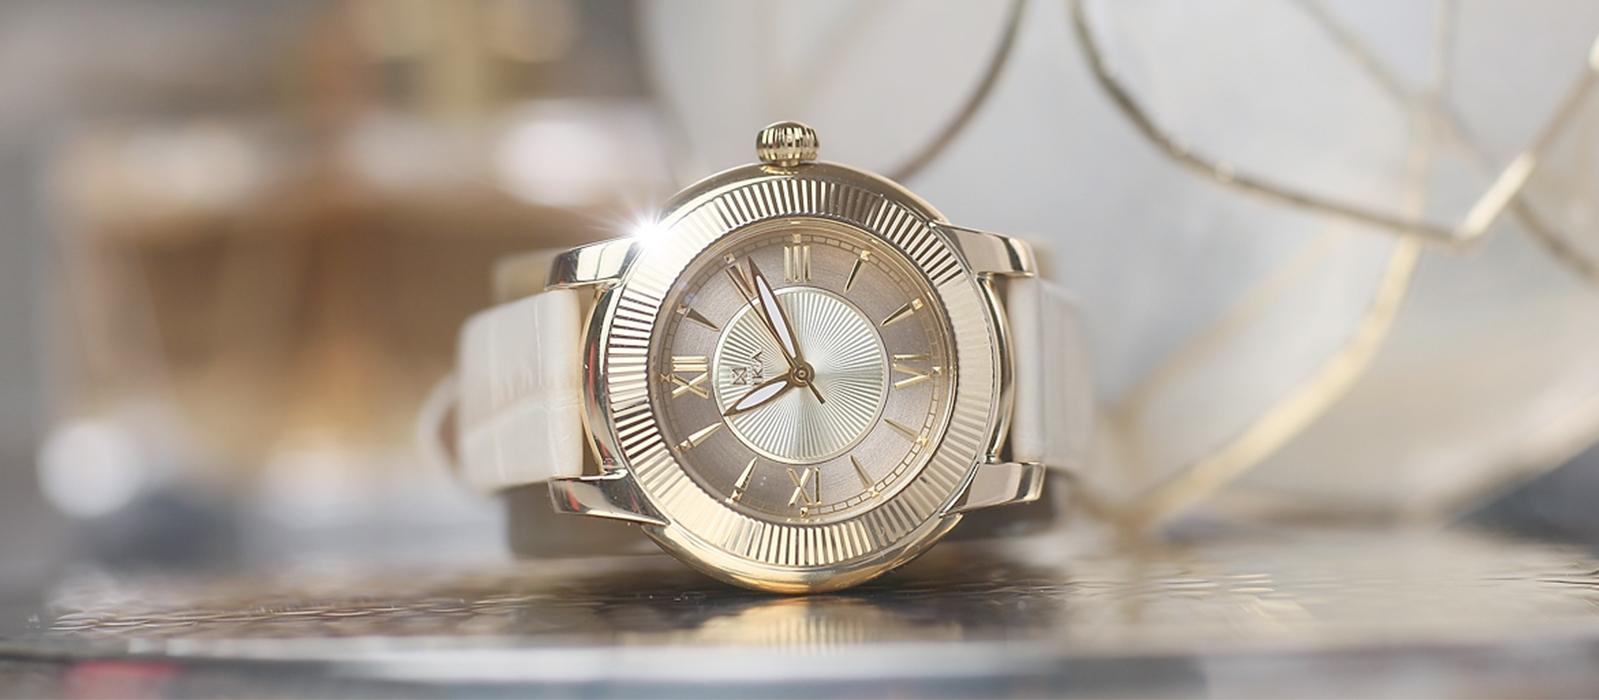 Куплю часы продам ломбард рождественская ул., 16 часовая адрес новгород, техника, нижний